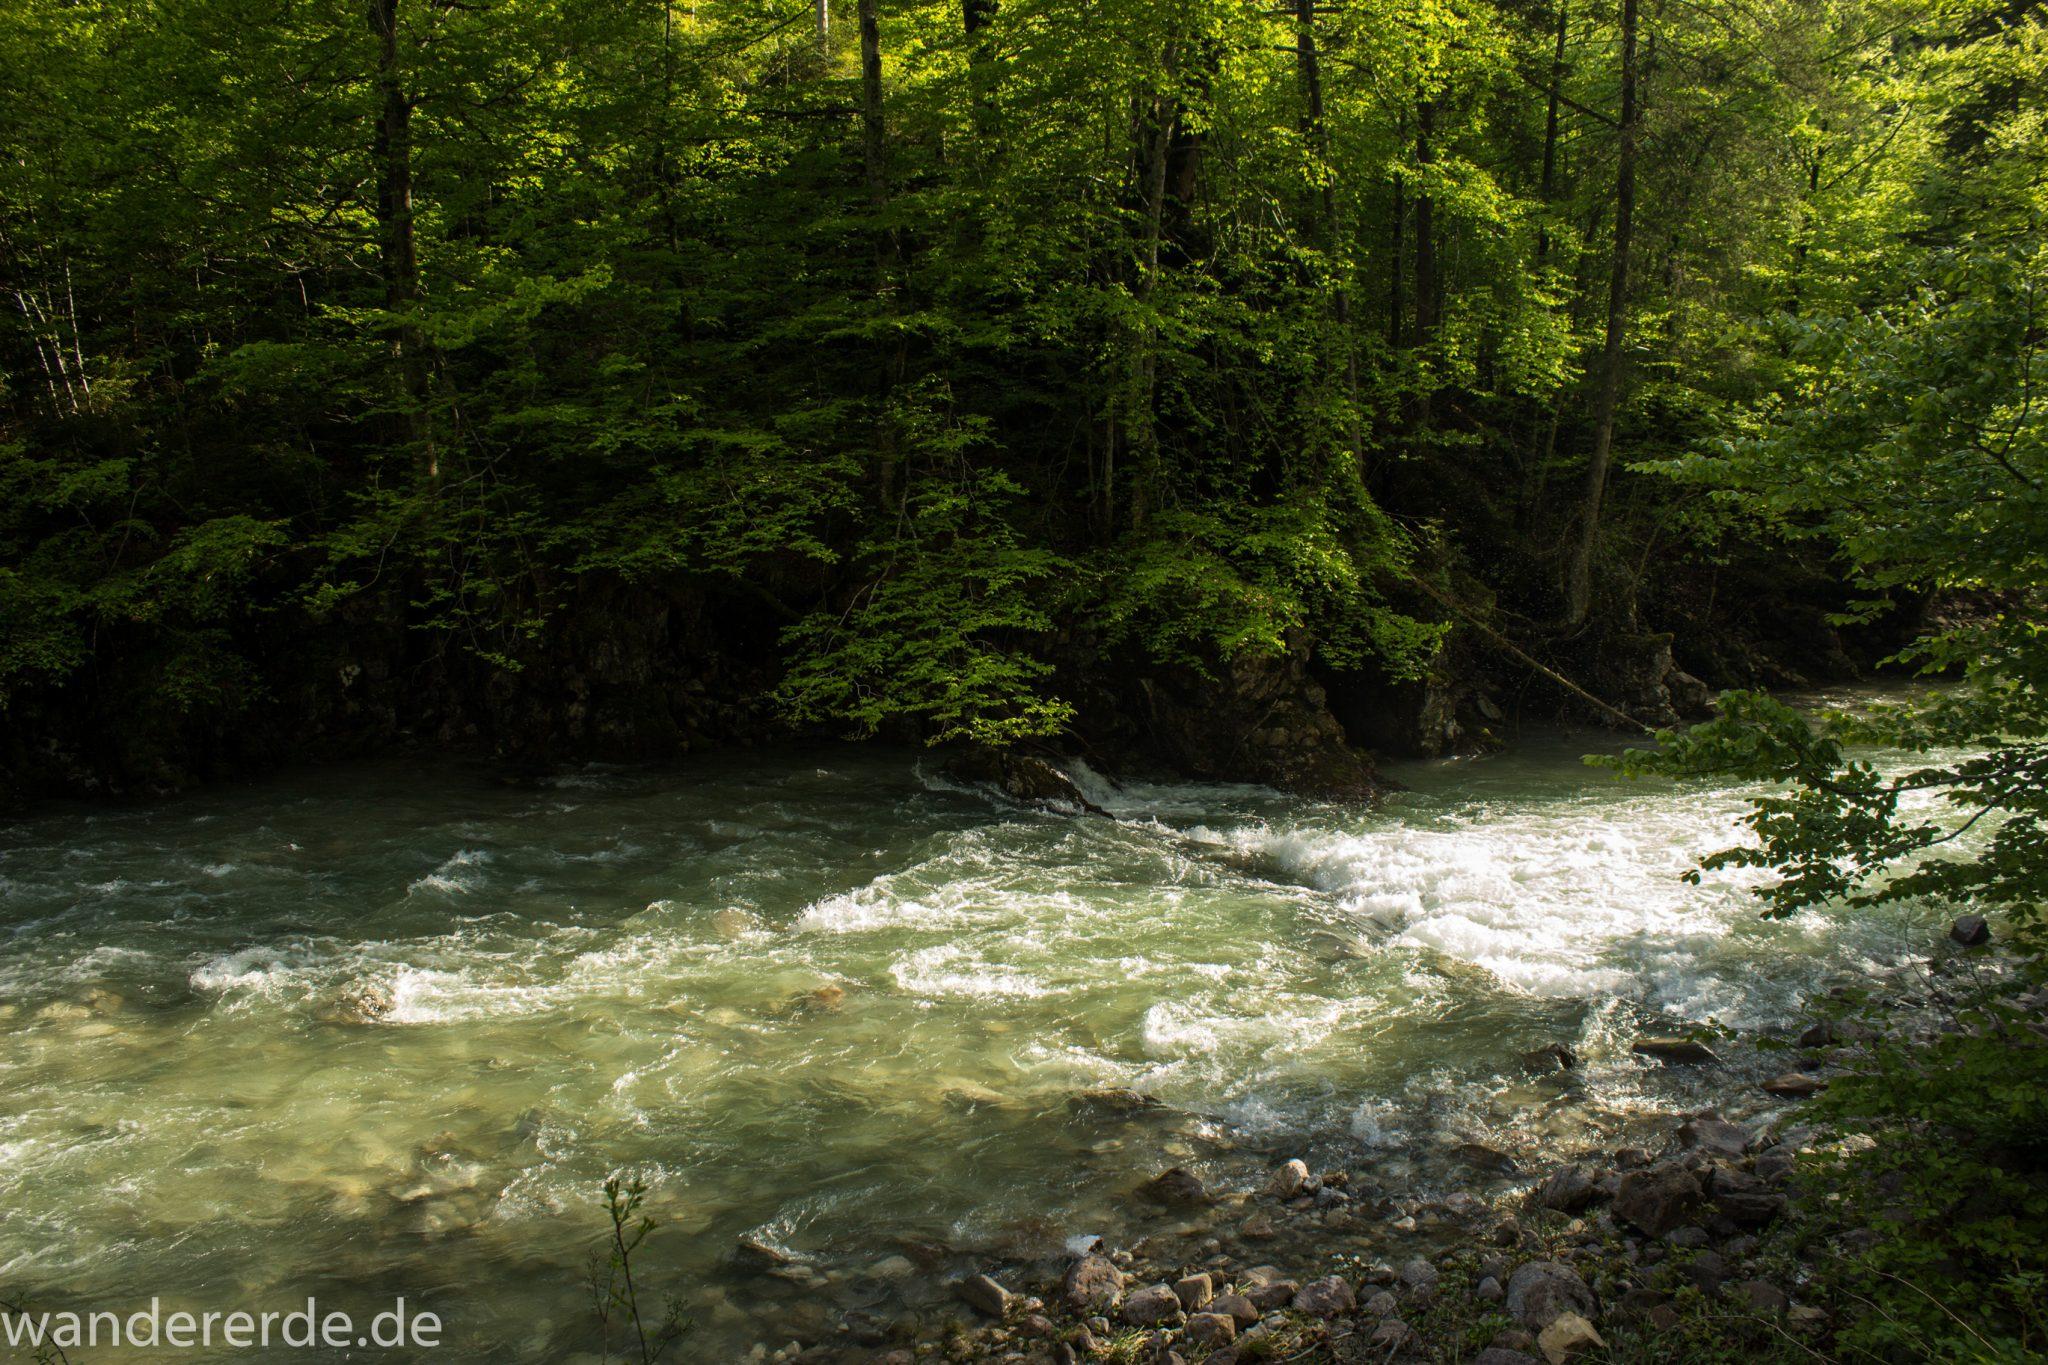 Wanderung zur Kenzenhütte in den Ammergauer Alpen, Frühjahr in den bayerischen Alpen, dichter grüner Wald, schöne Laubbäume, Wanderweg führt entlang schönen, idyllischem Fluss Halblech, nach viel Regen sehr voller Fluss Halblech